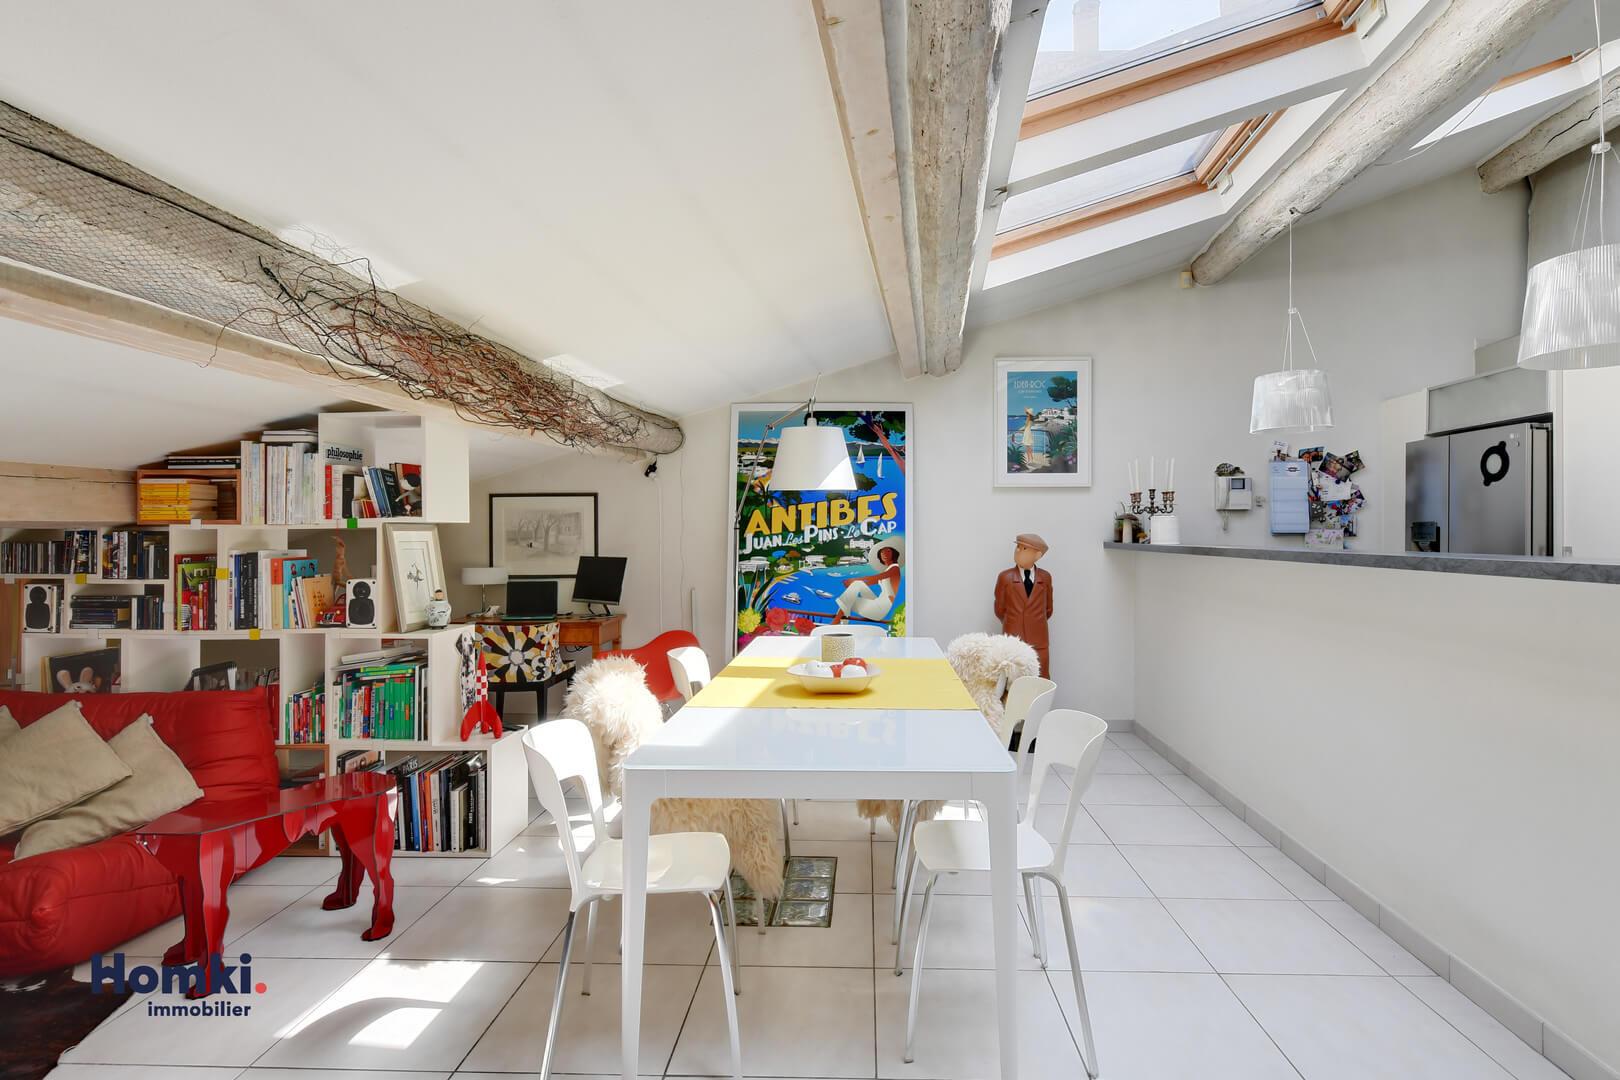 Vente appartement duplex Antibes 06600 T4 90m²_1